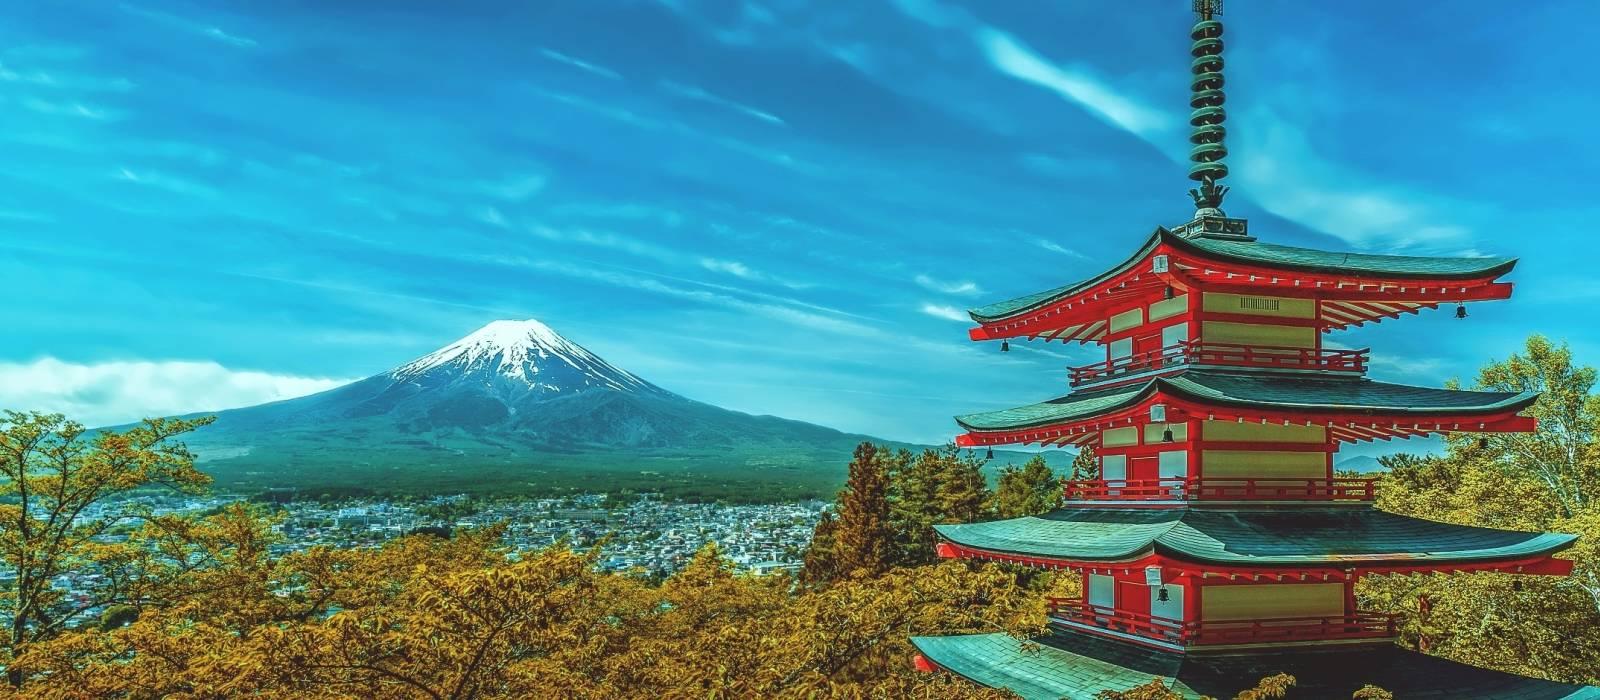 Blick auf den Mount Fuji hinter grüner Landschaft und einem japanischen Tempel in Japan